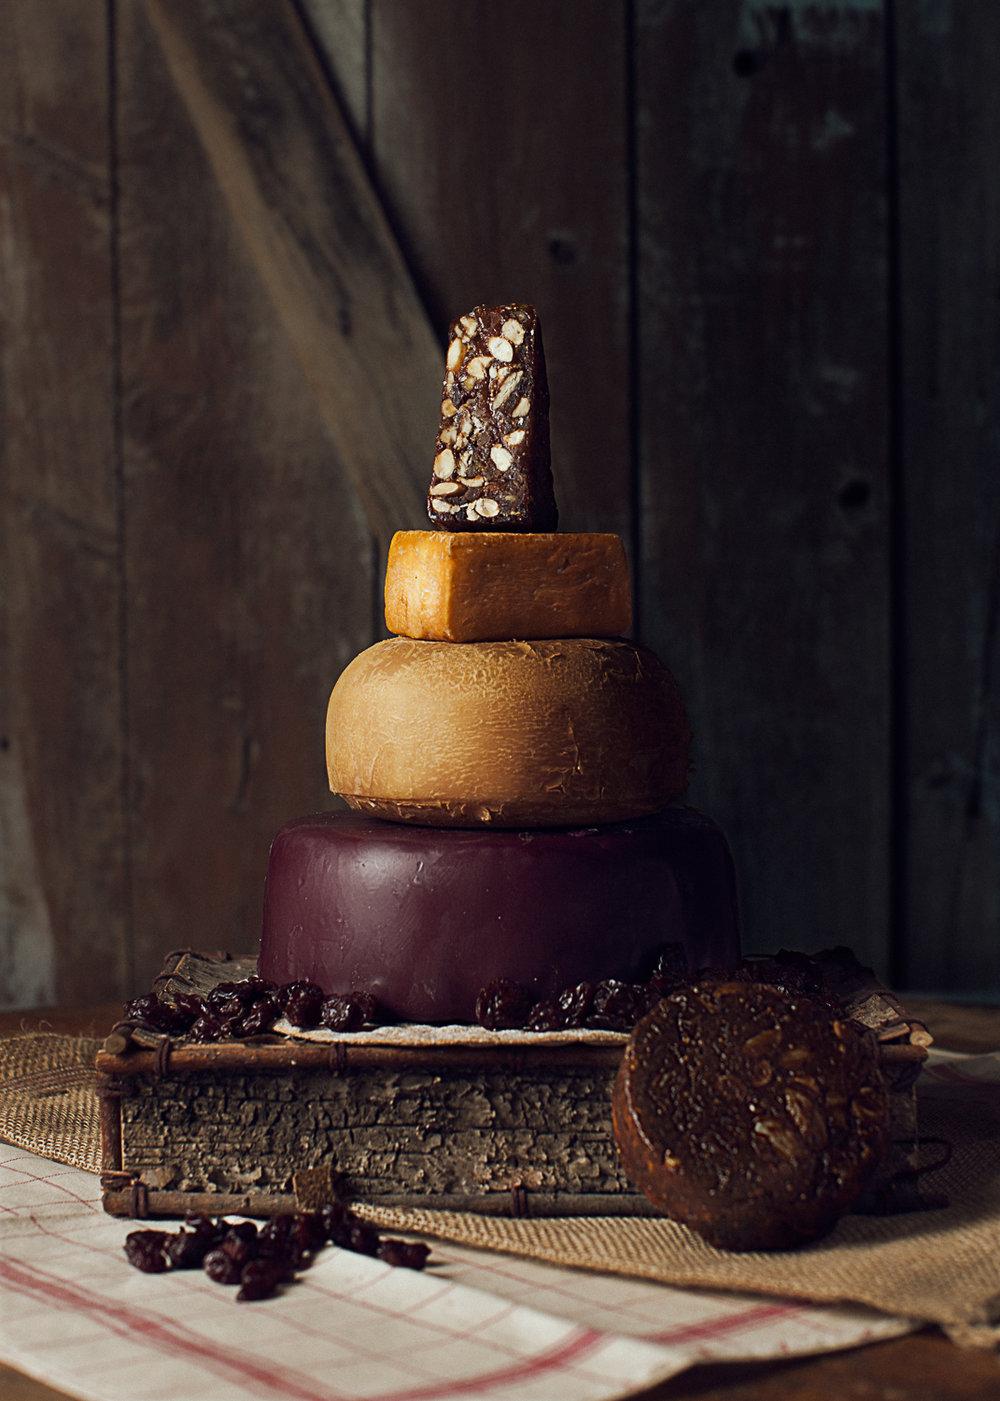 artisan aged cheese cake